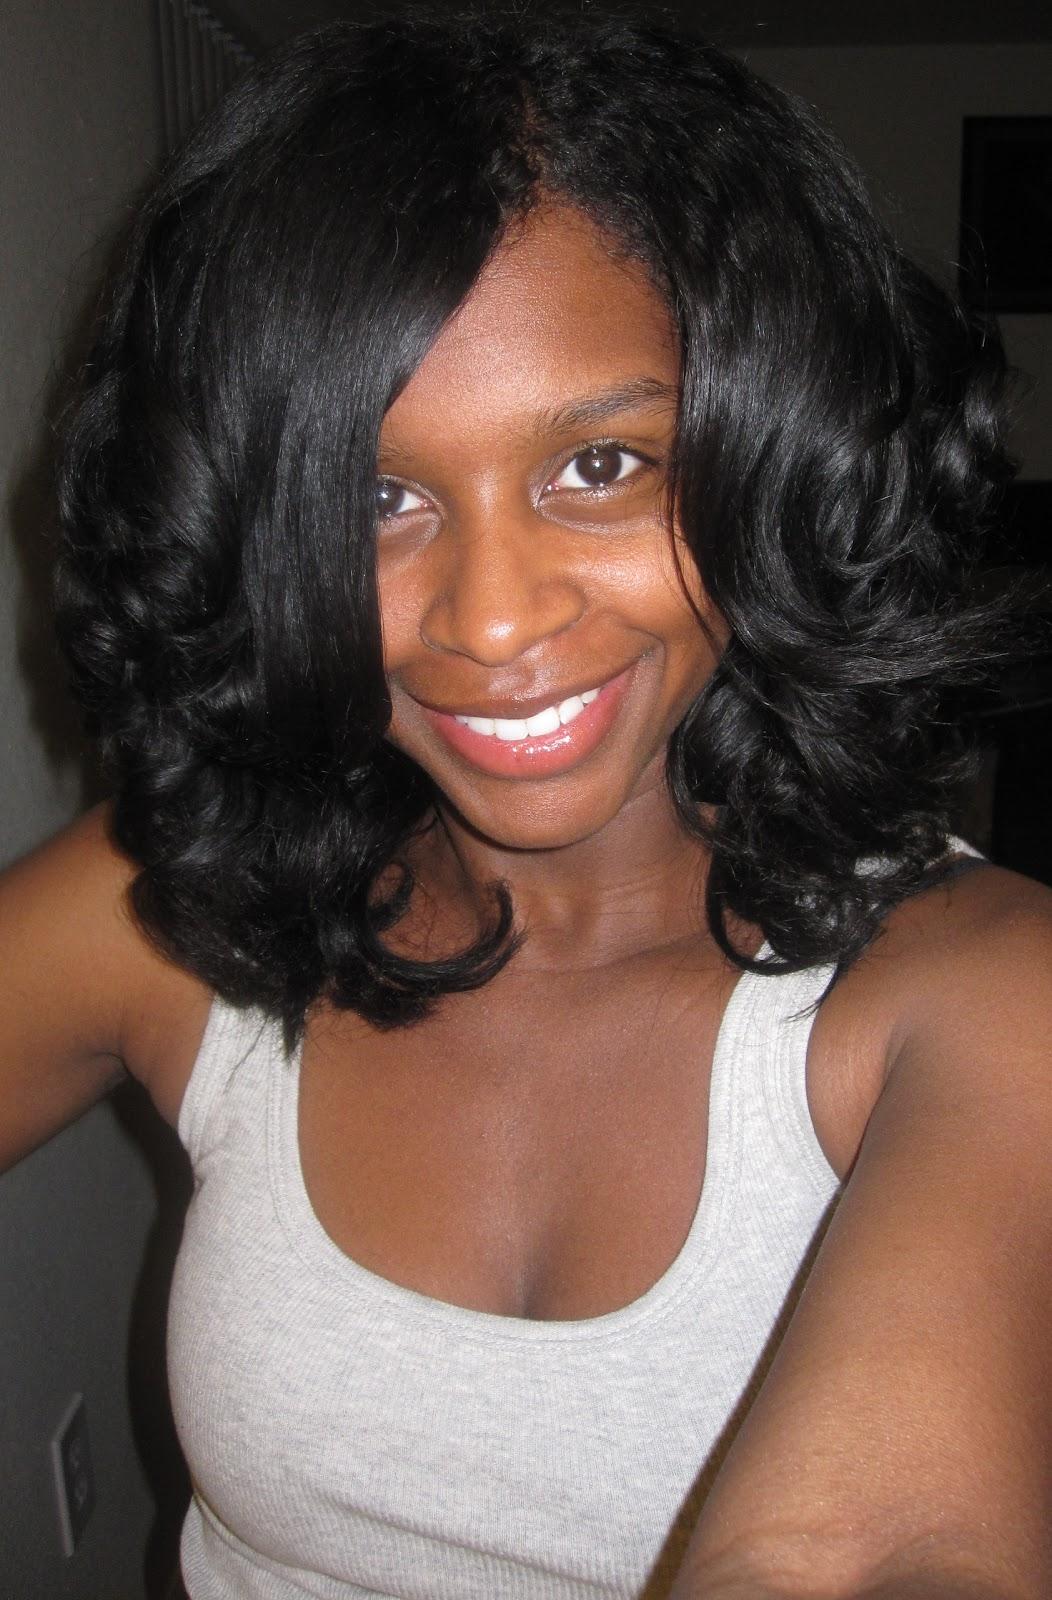 Strange Mahoganycurls39 Roller Set How To Natural Hair Care Curly Nikki Short Hairstyles Gunalazisus